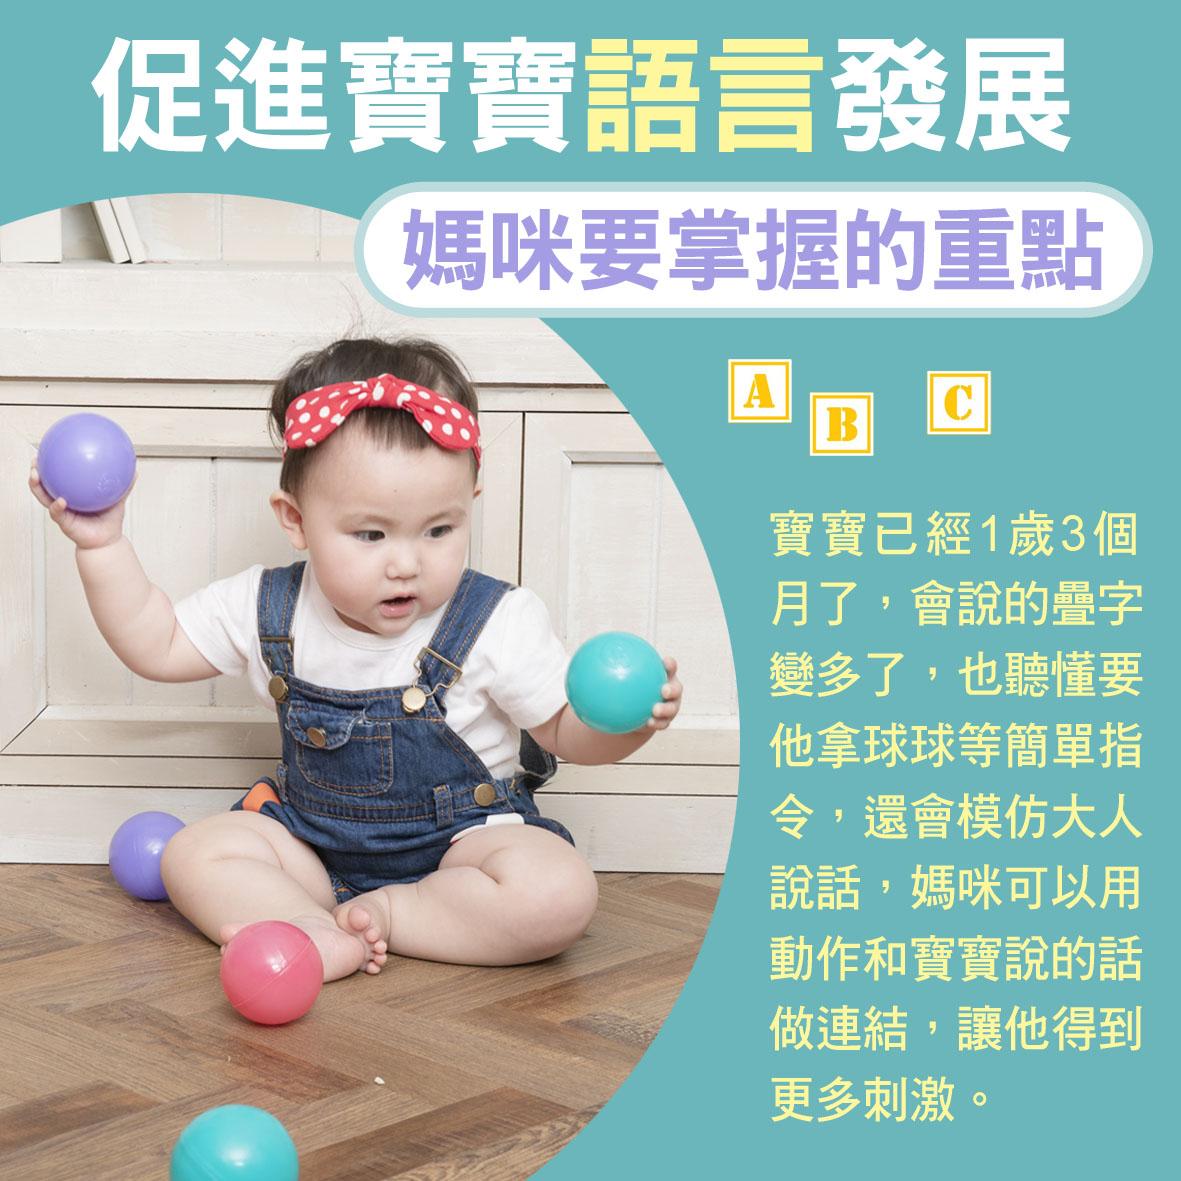 寶寶篇1歲第11~12週-促進寶寶語言發展 媽咪要掌握的重點